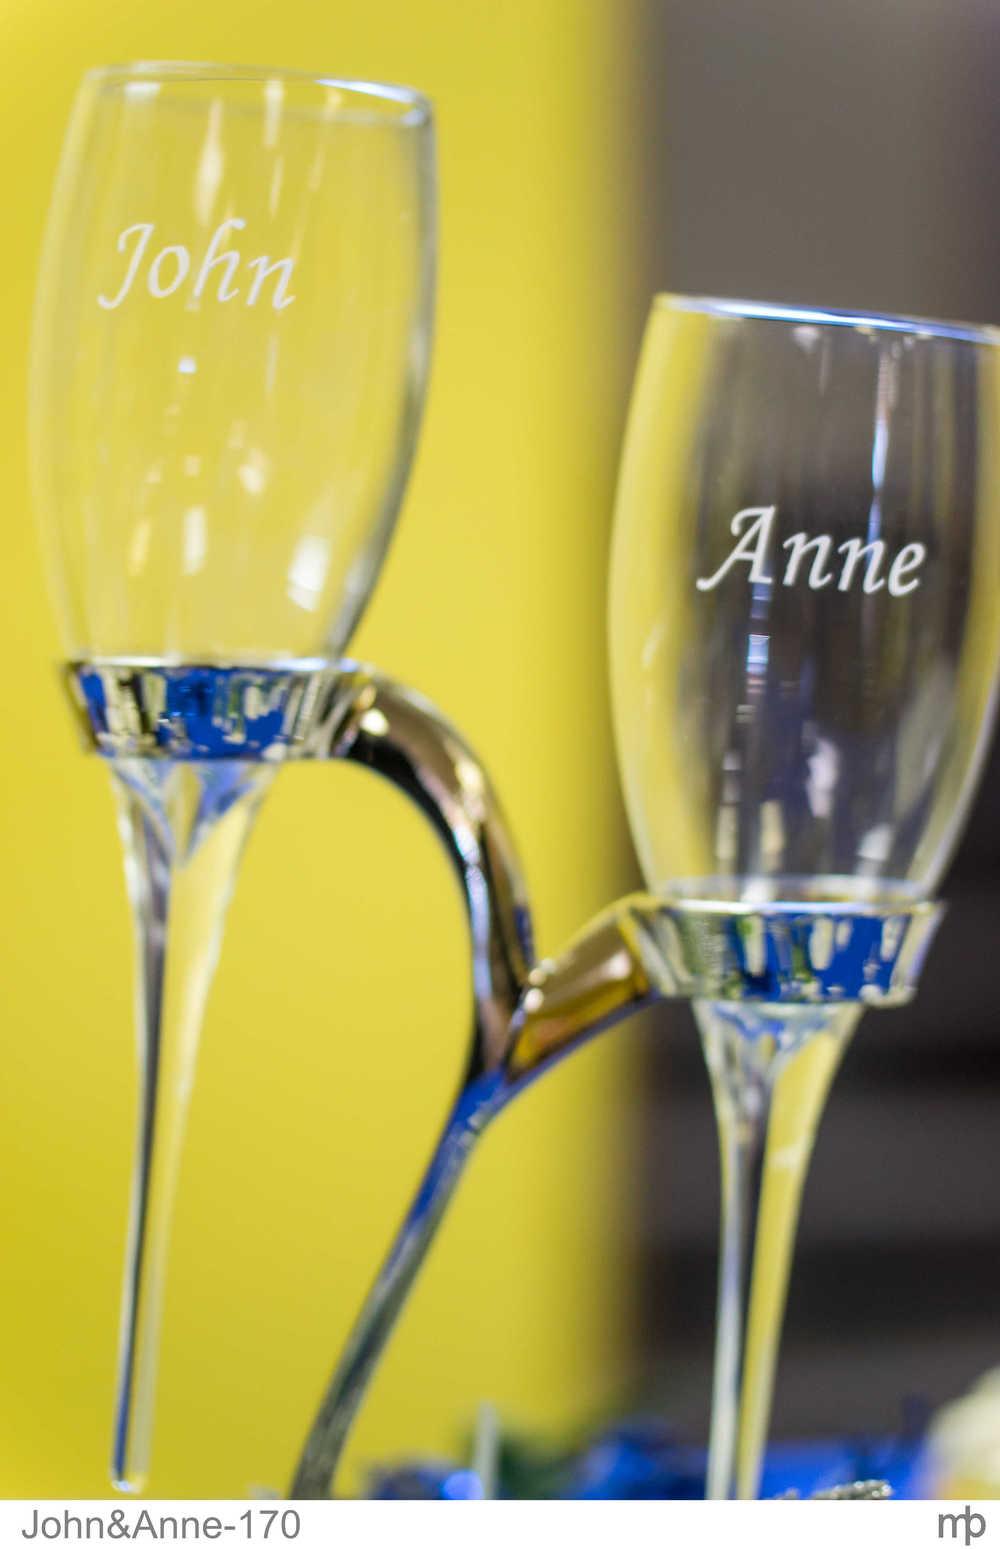 John&Anne-170.jpg